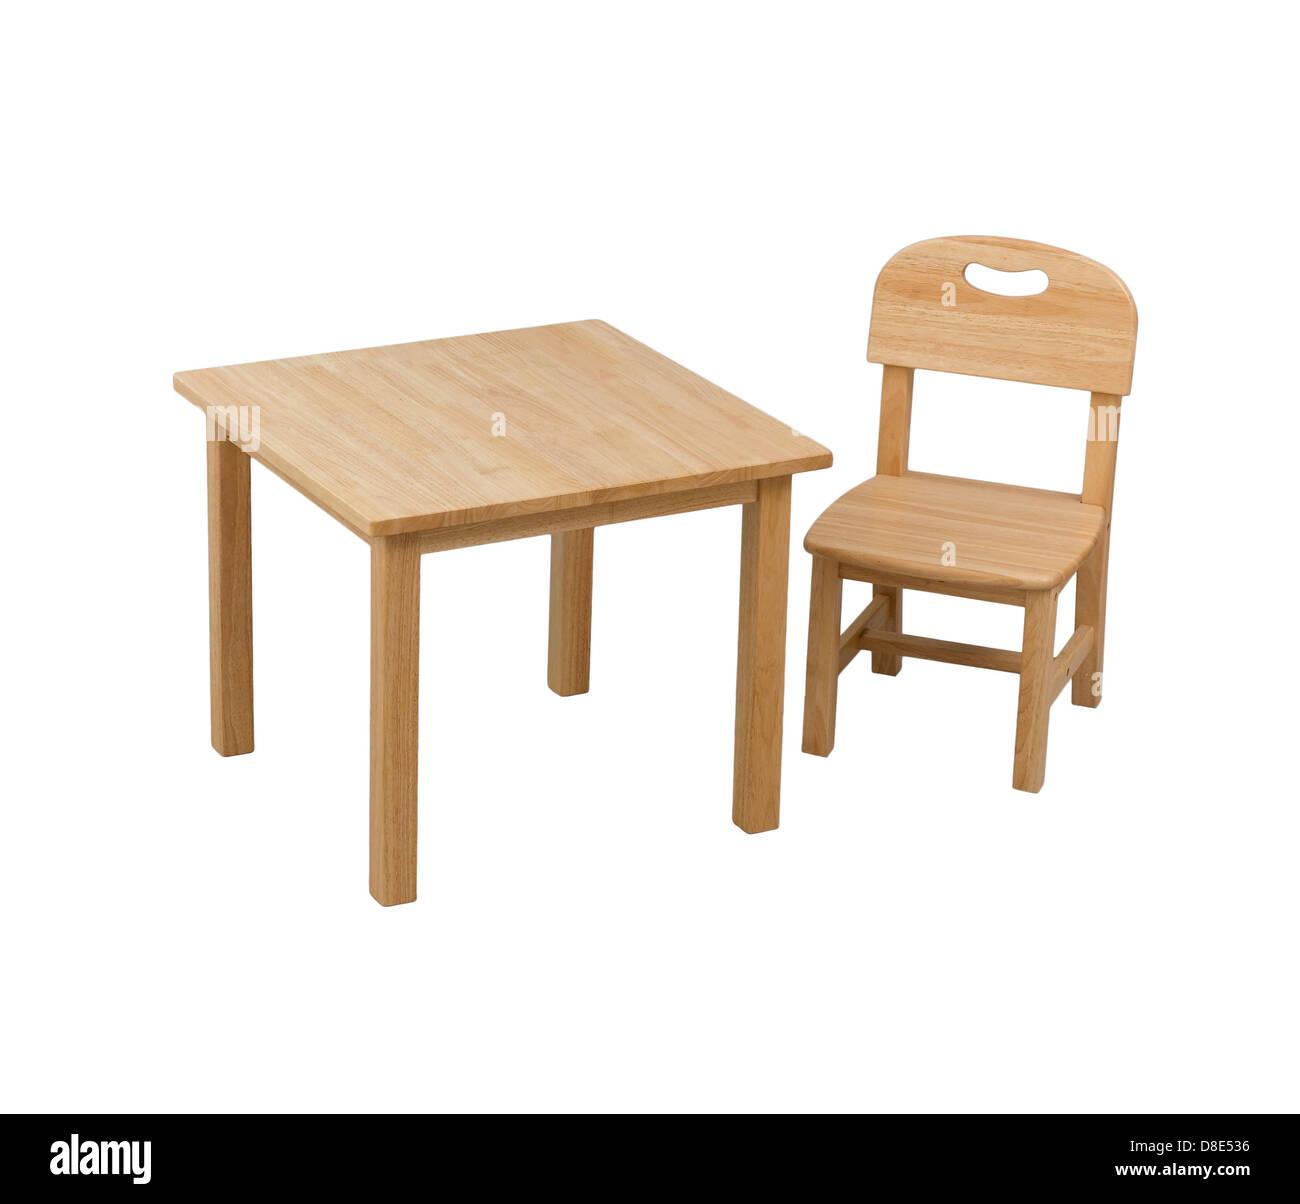 einen kleinen h lzernen stuhl und schreibtisch f r kinder. Black Bedroom Furniture Sets. Home Design Ideas